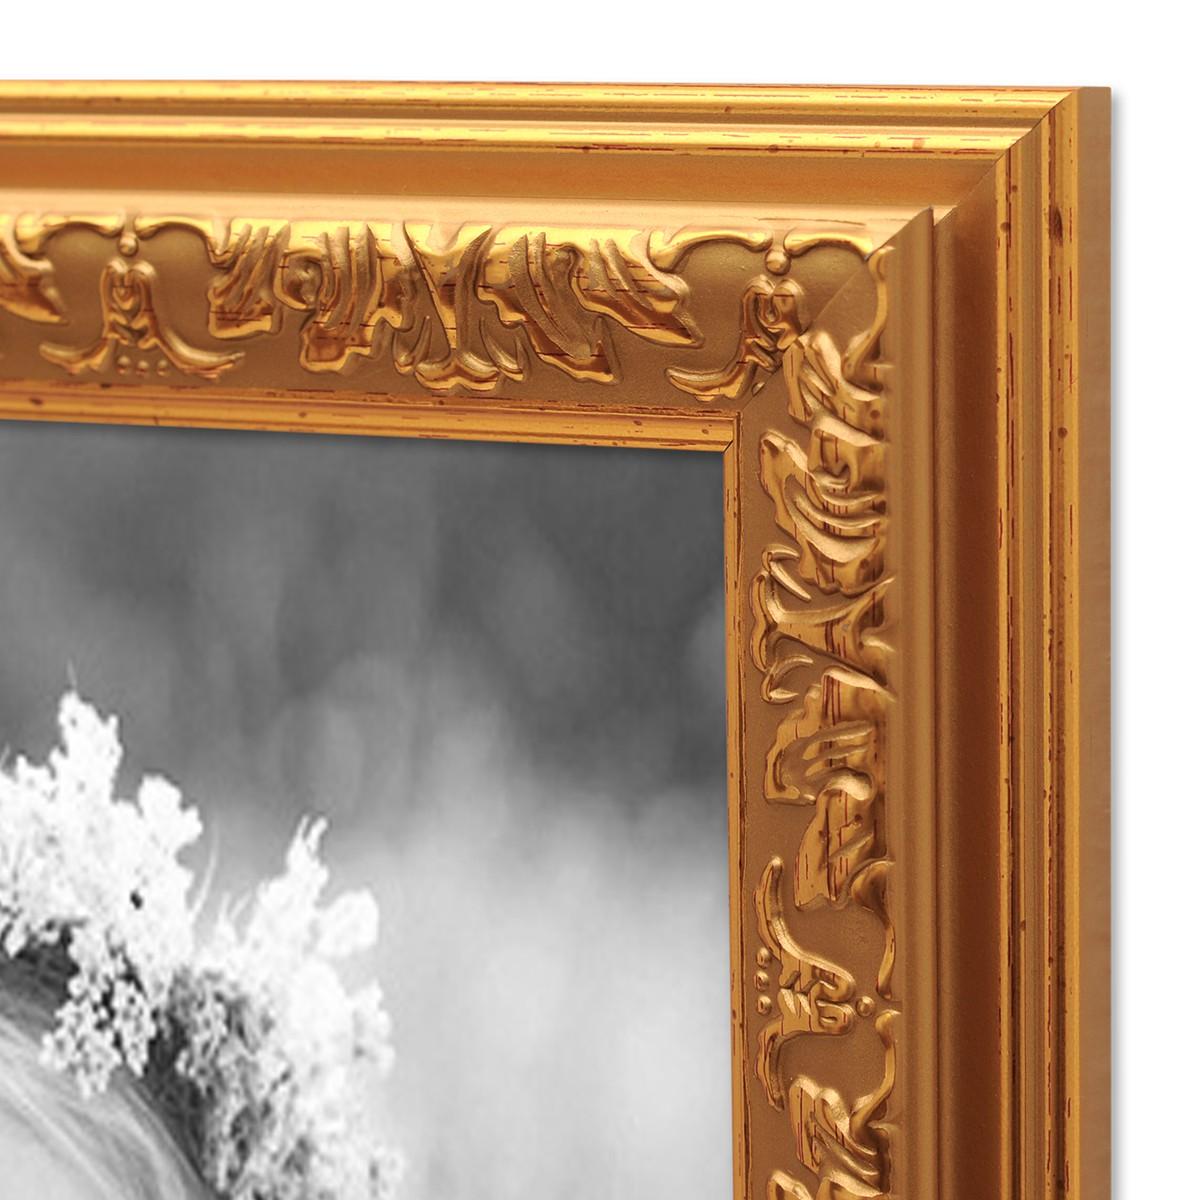 Bilderrahmen Antik Gold Nostalgie 21x30 cm DIN A4 Fotorahmen mit ...